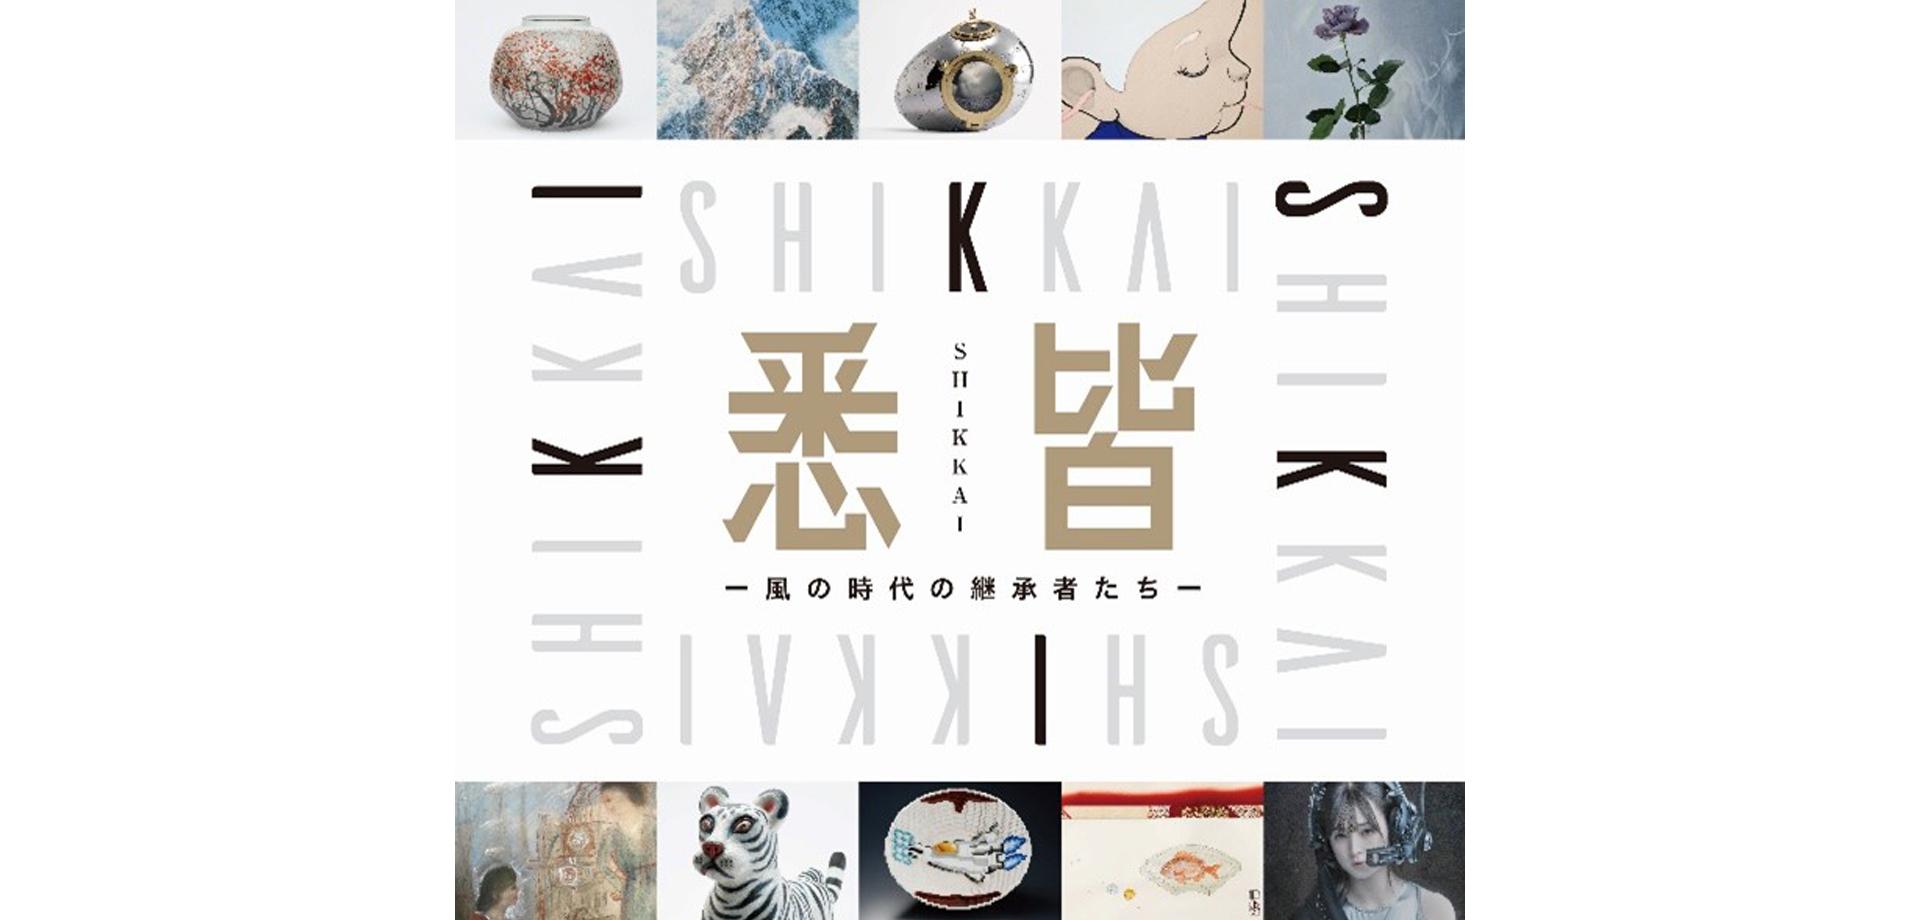 髙島屋創業190周年記念企画美術展 「悉皆(shikkai) -風の時代の継承者たち-」